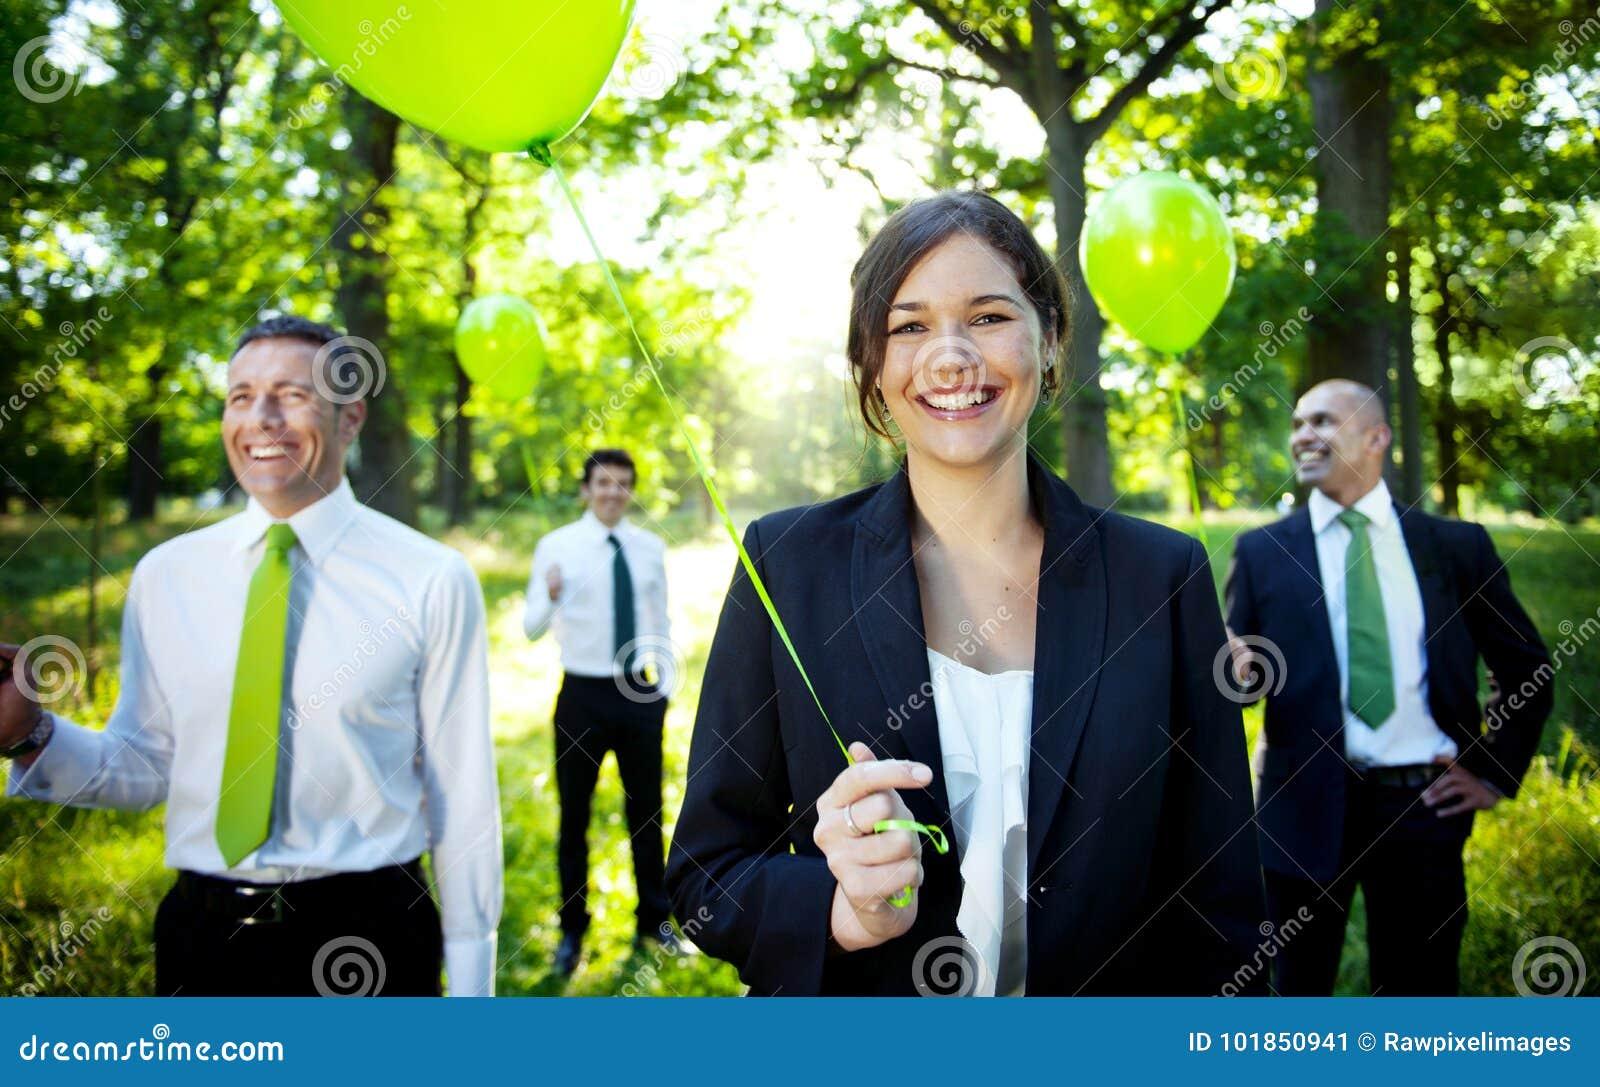 拿着绿色气球的商人在森林里